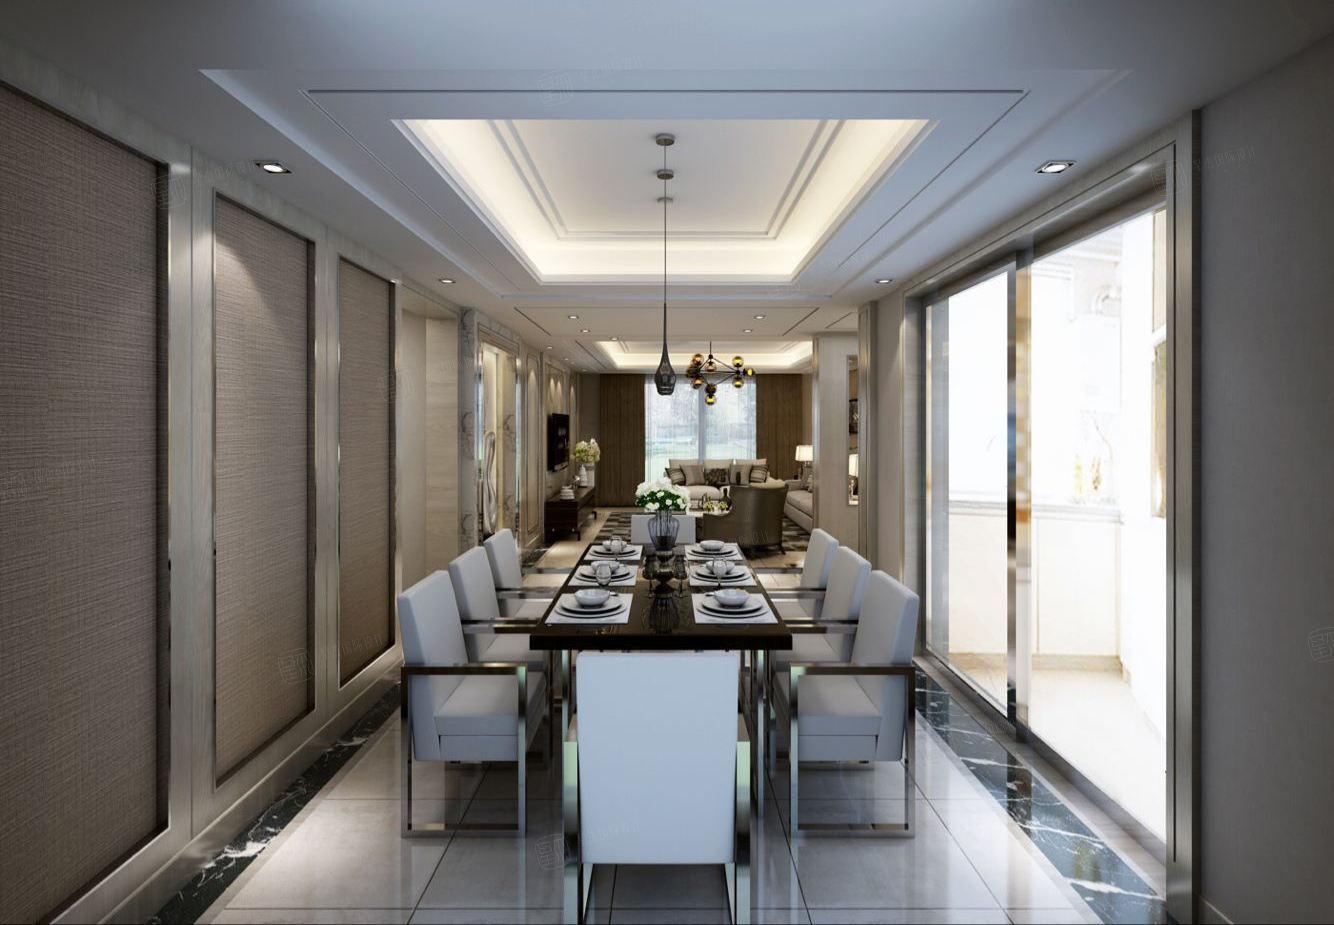 丽都华庭 现代时尚装修餐厅效果图